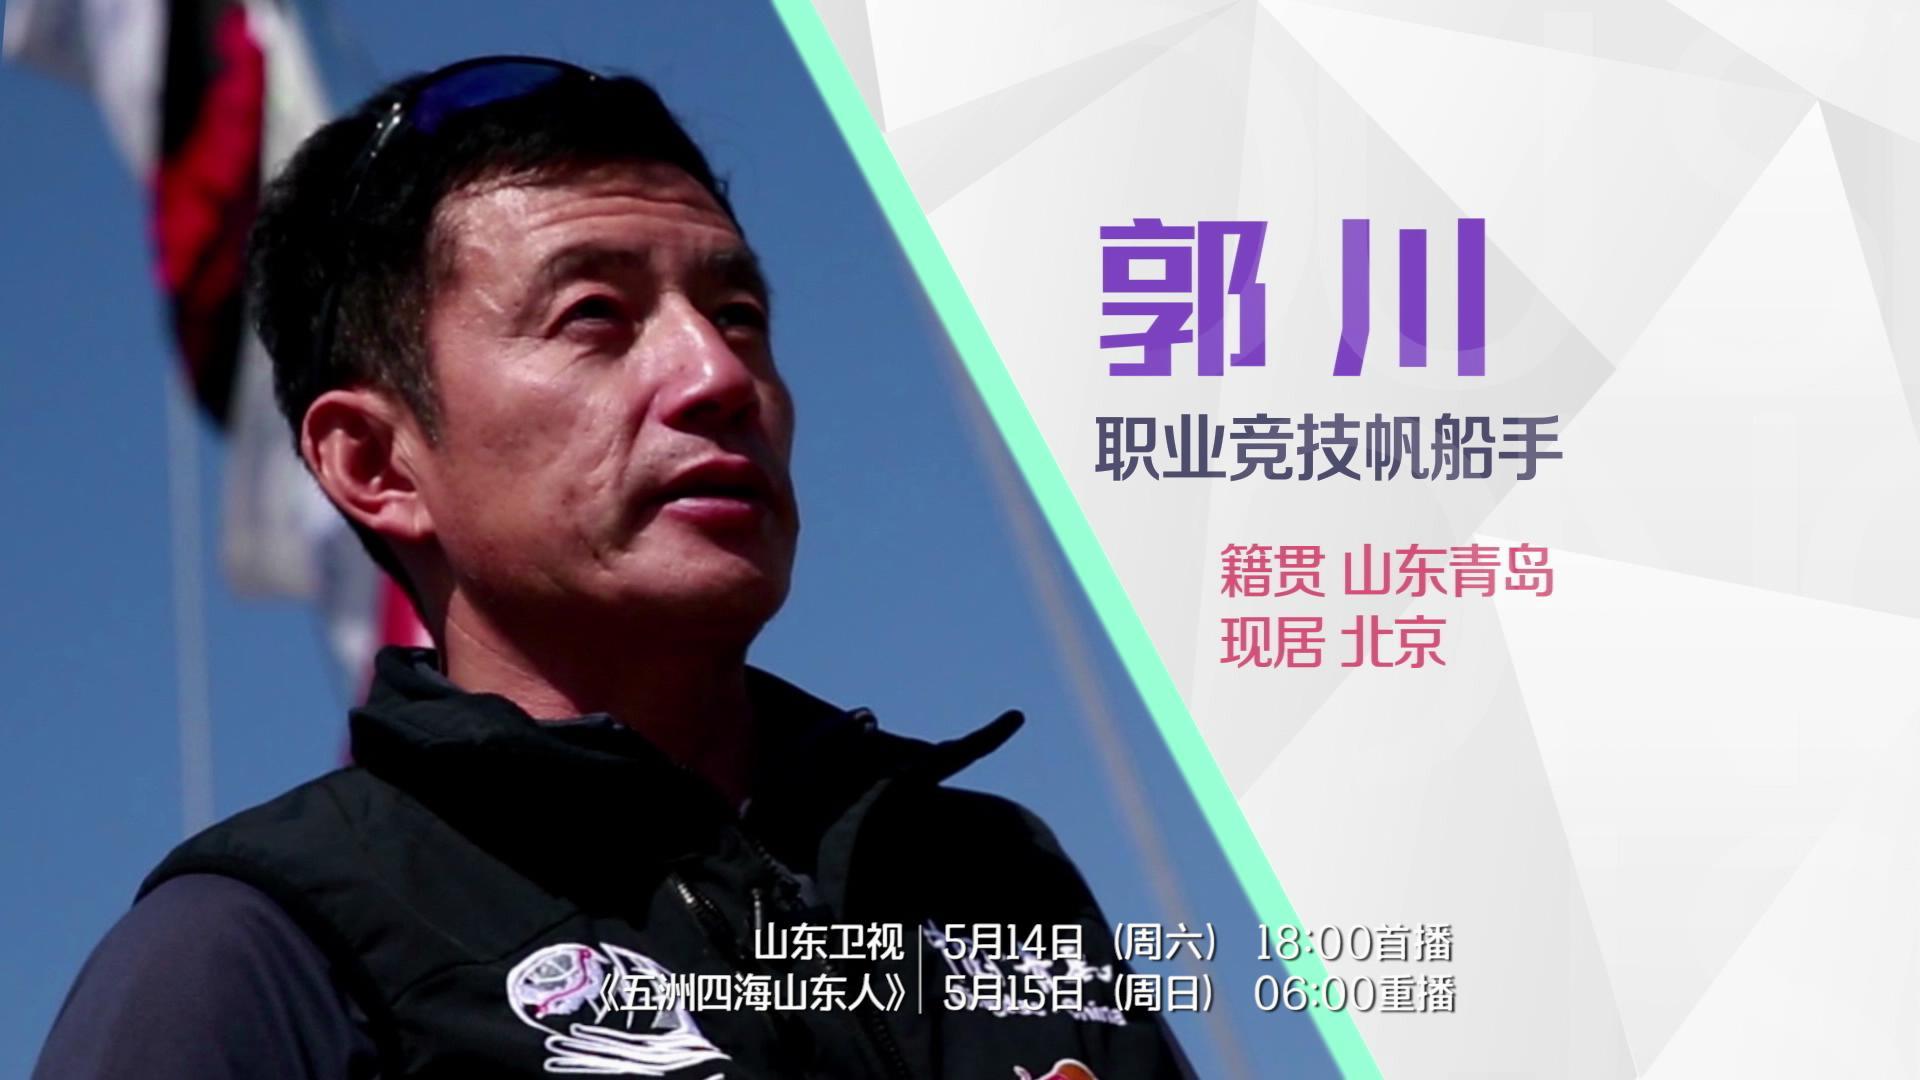 5月14日预告   中国人的奇幻漂流之旅,复兴海洋文化的远航者